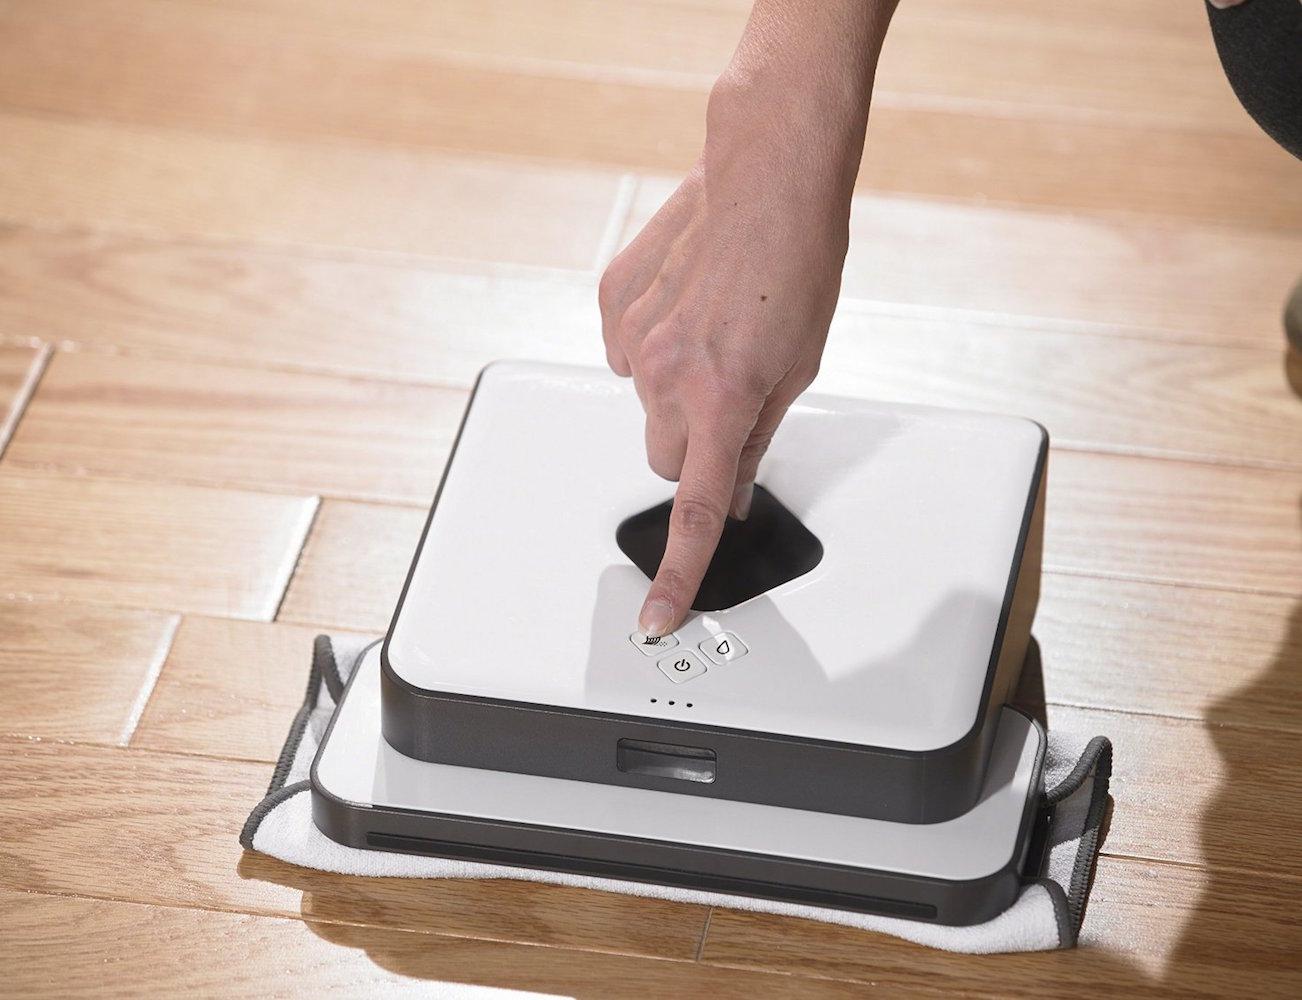 Irobot Braava 320 Super Efficient Floor Mopping Robot